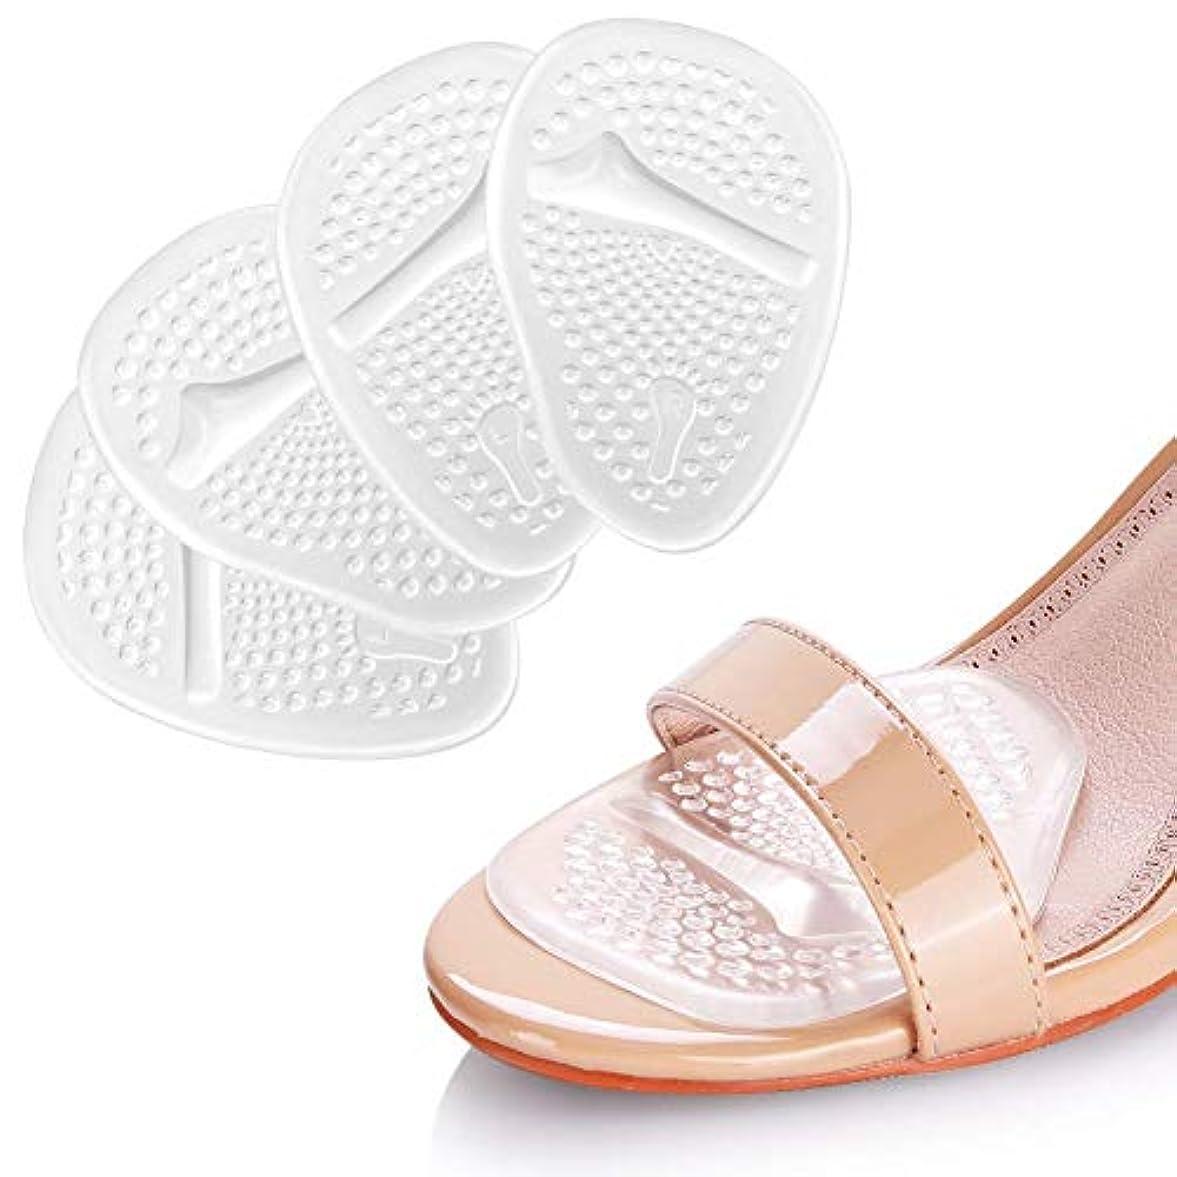 電気の愛電卓脛骨パッド、サッカーパッド、女性の脛骨パッド、女性の靴の中敷用の終日痛み緩和コンフォートコード(透明)